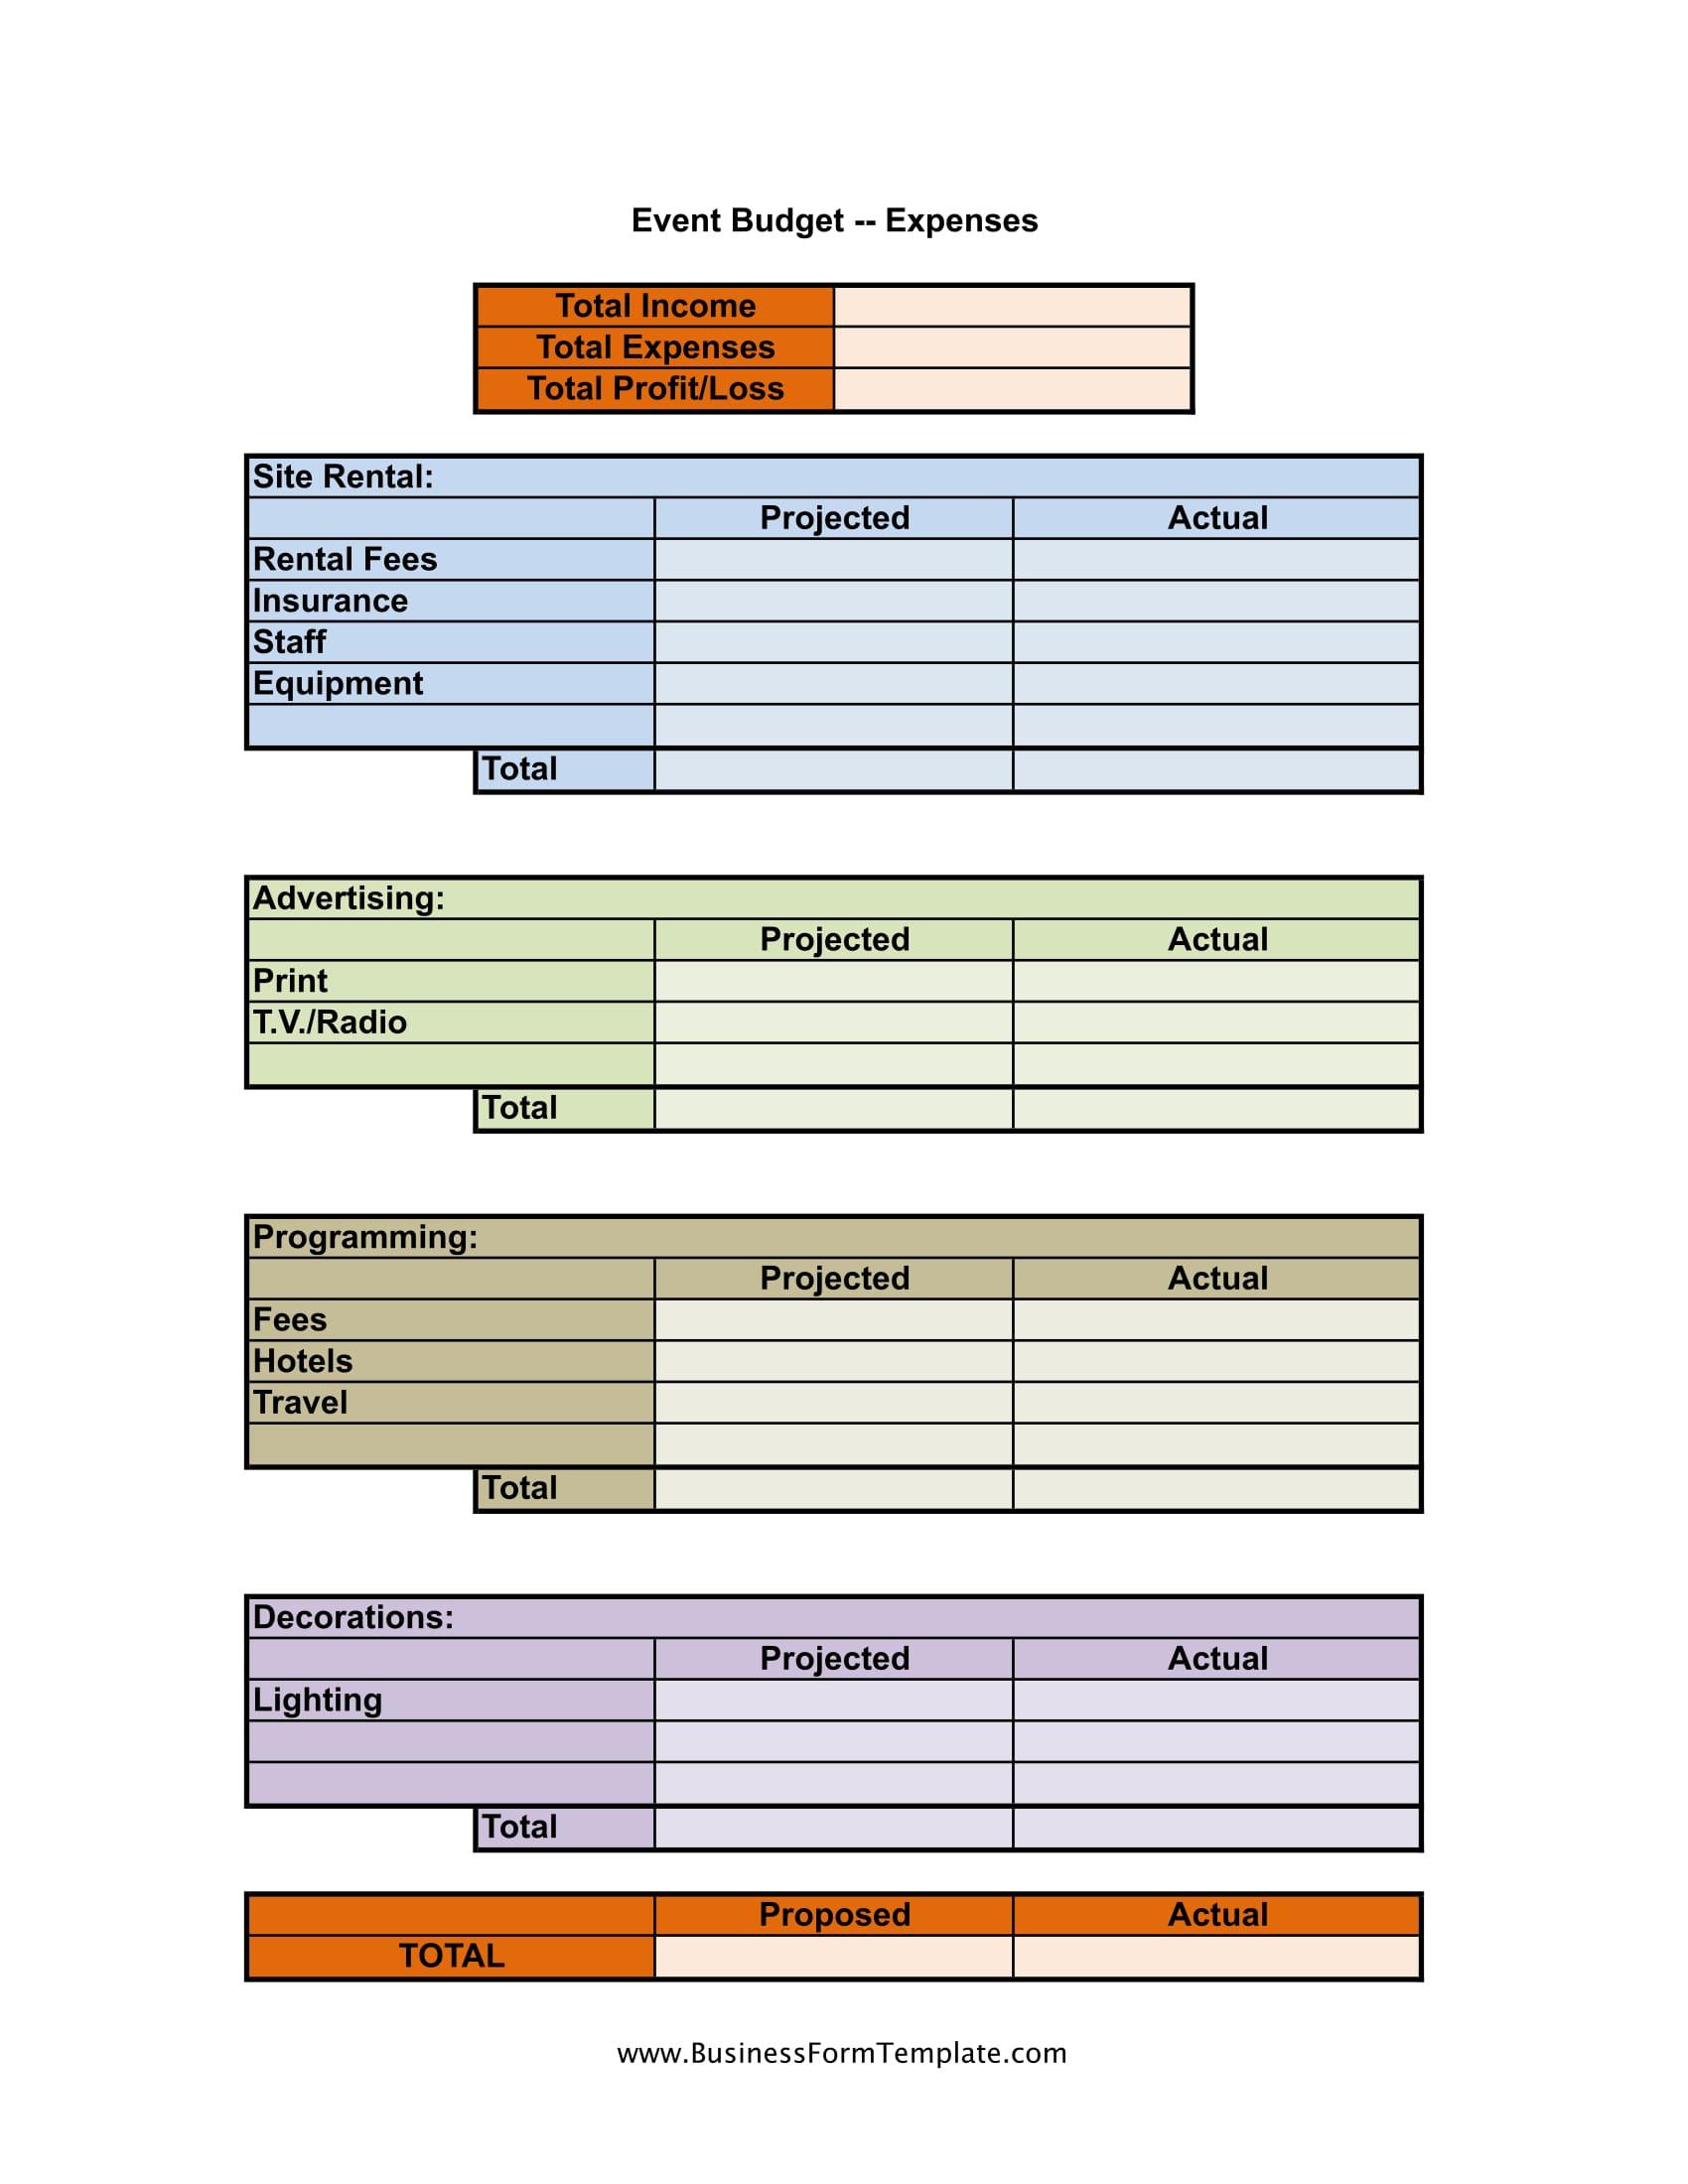 event budget expense report form 1